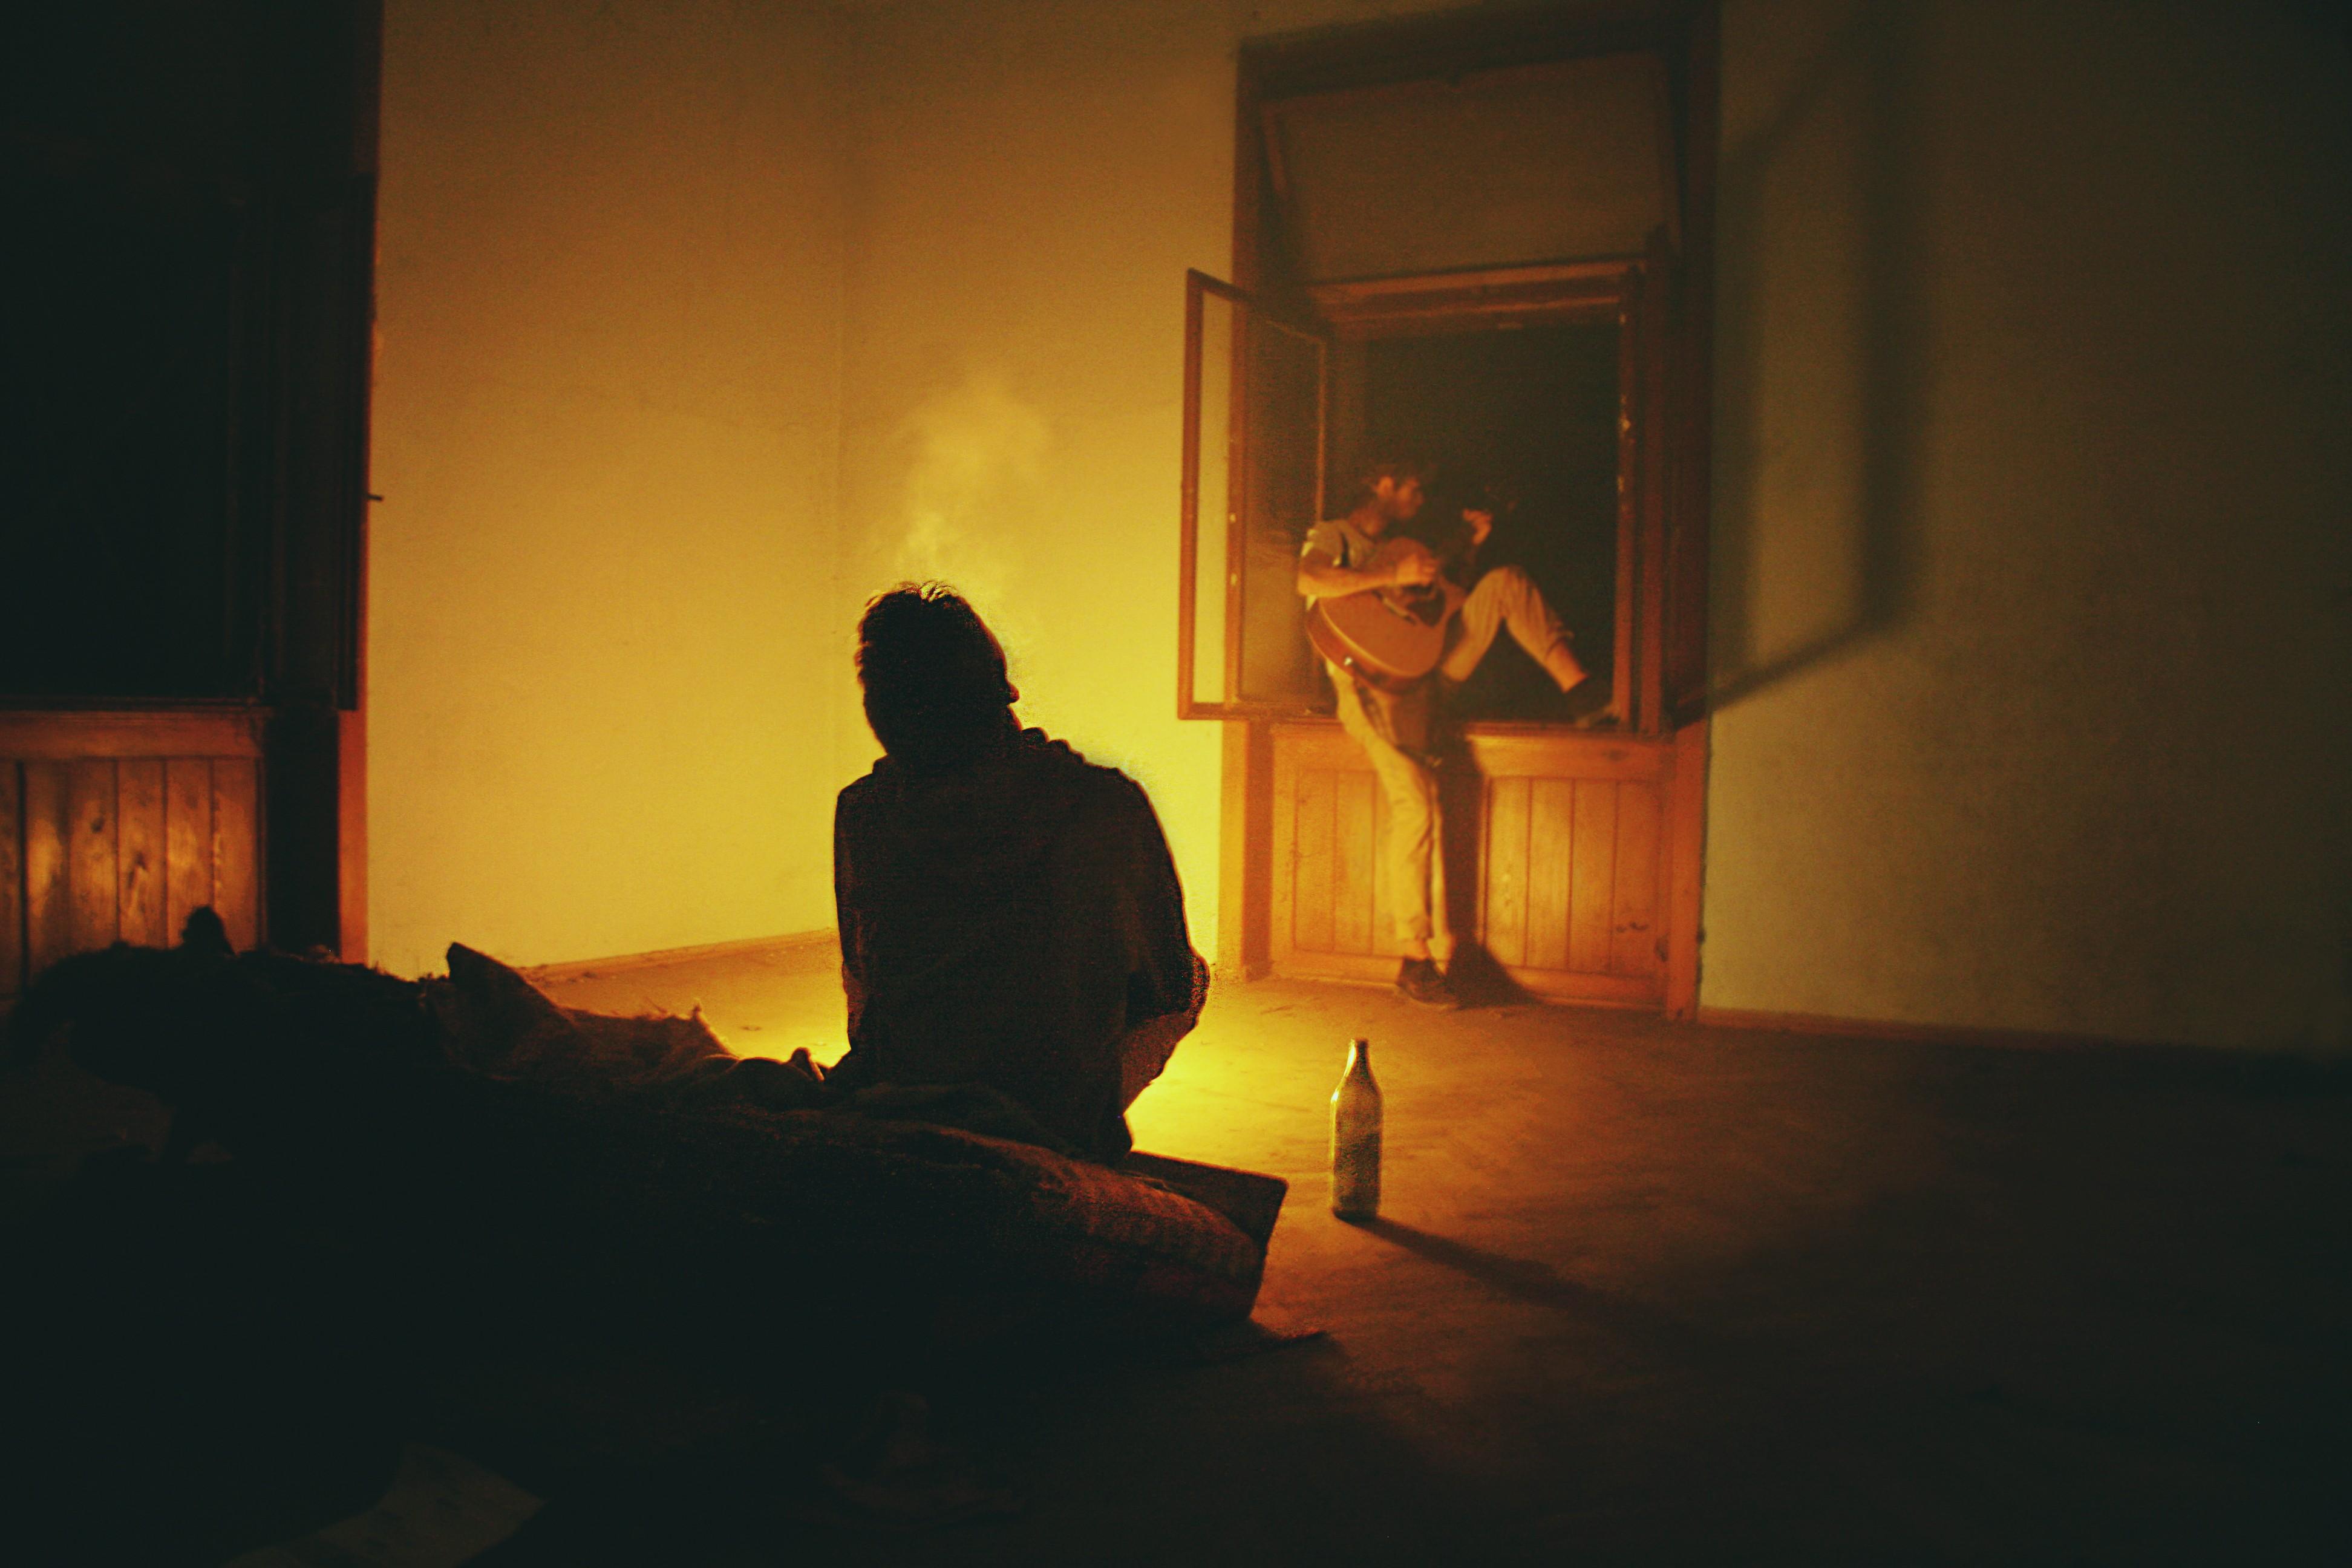 выходной, последний фото мужчины в темноте комнате турникеты для